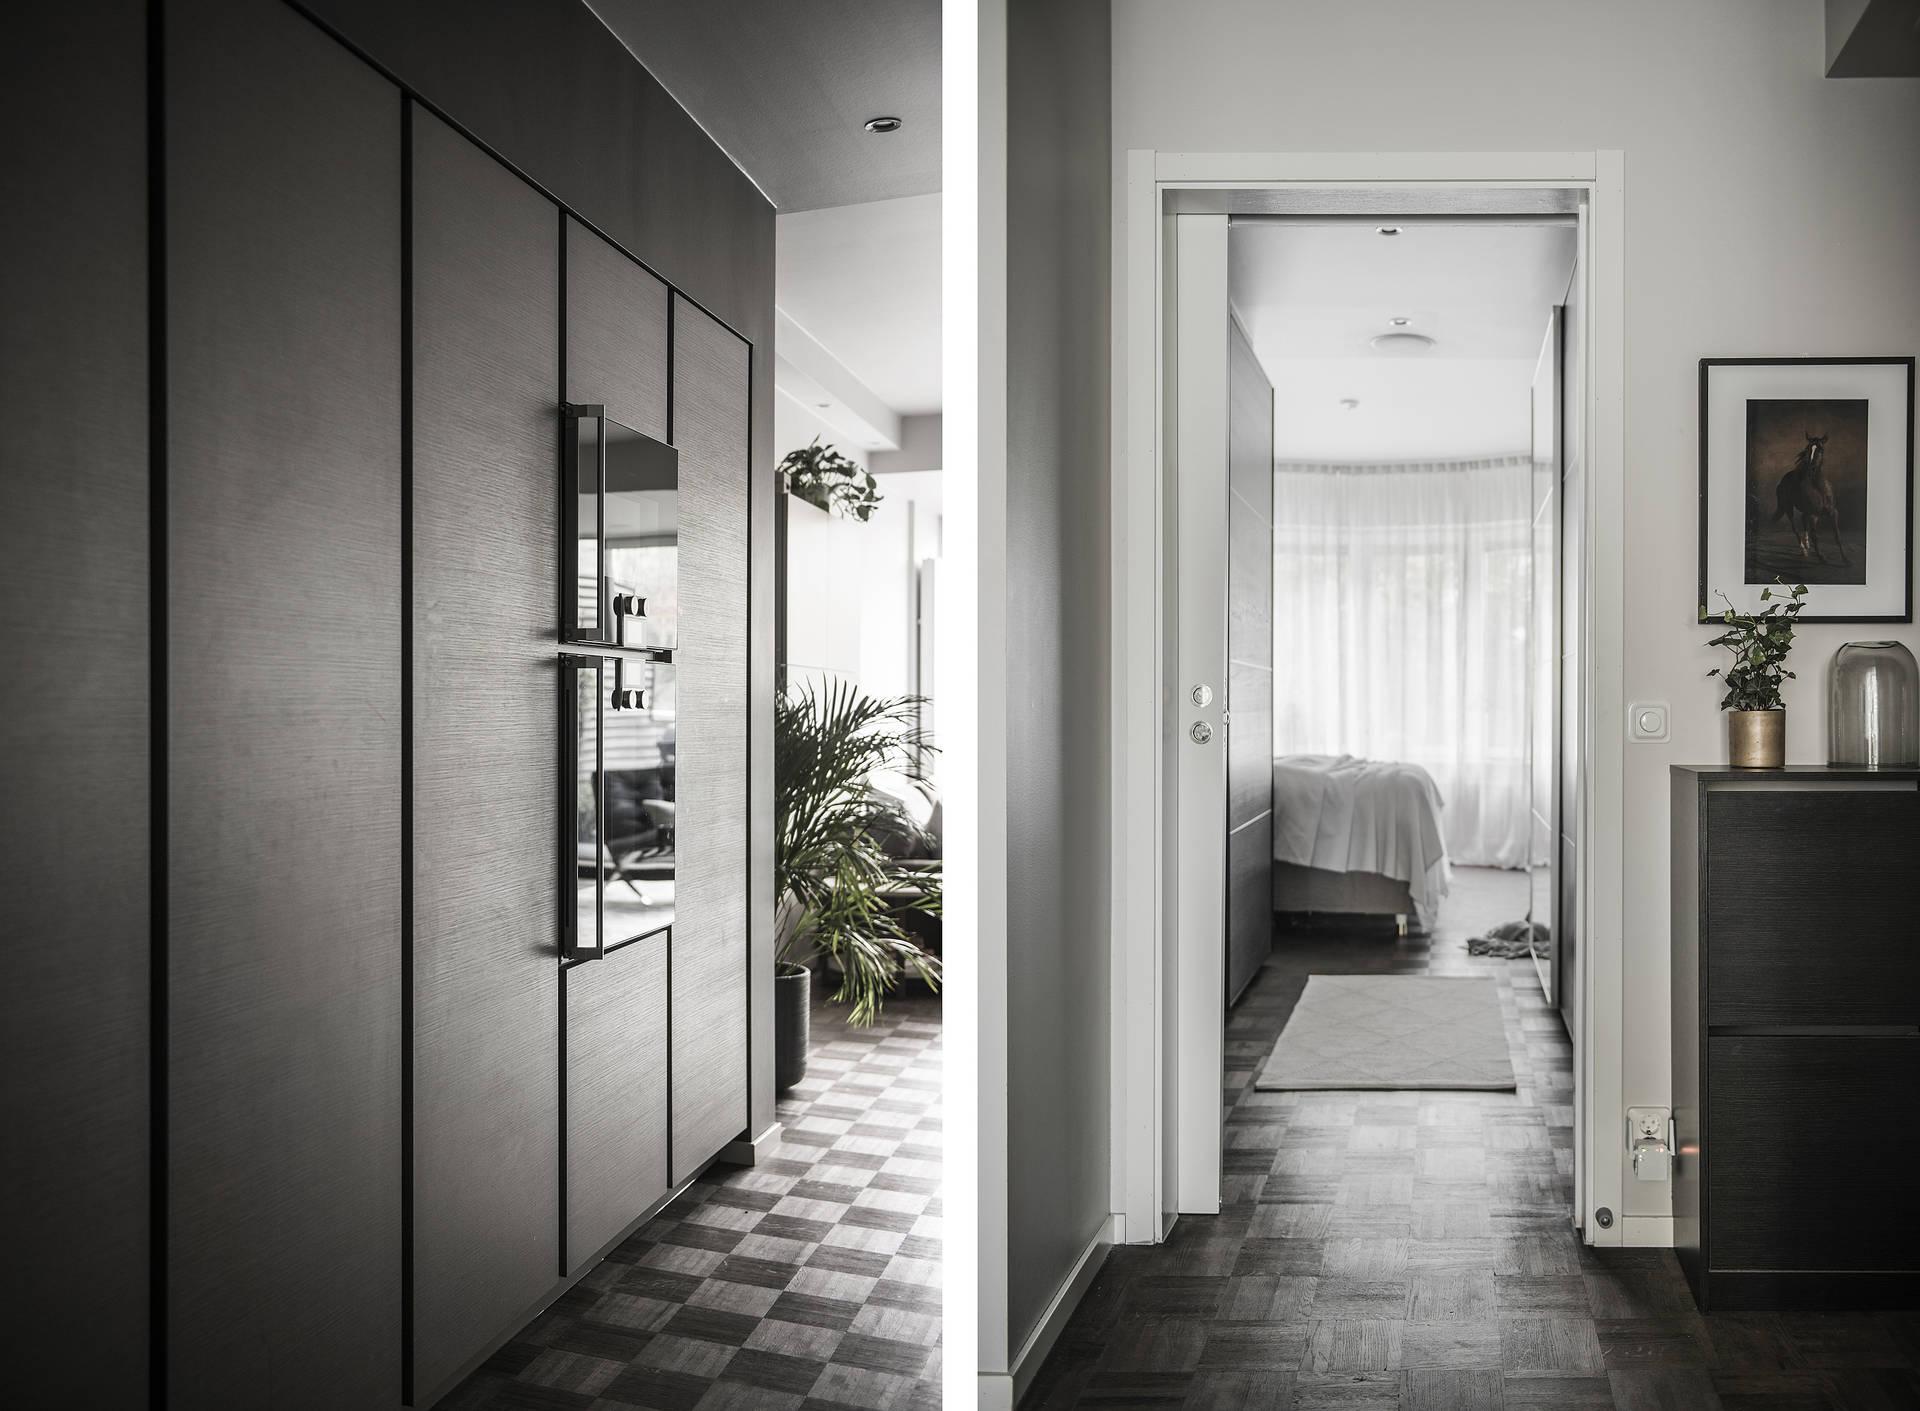 высокие кухонные шкафы Binova коридор дверь в спальню